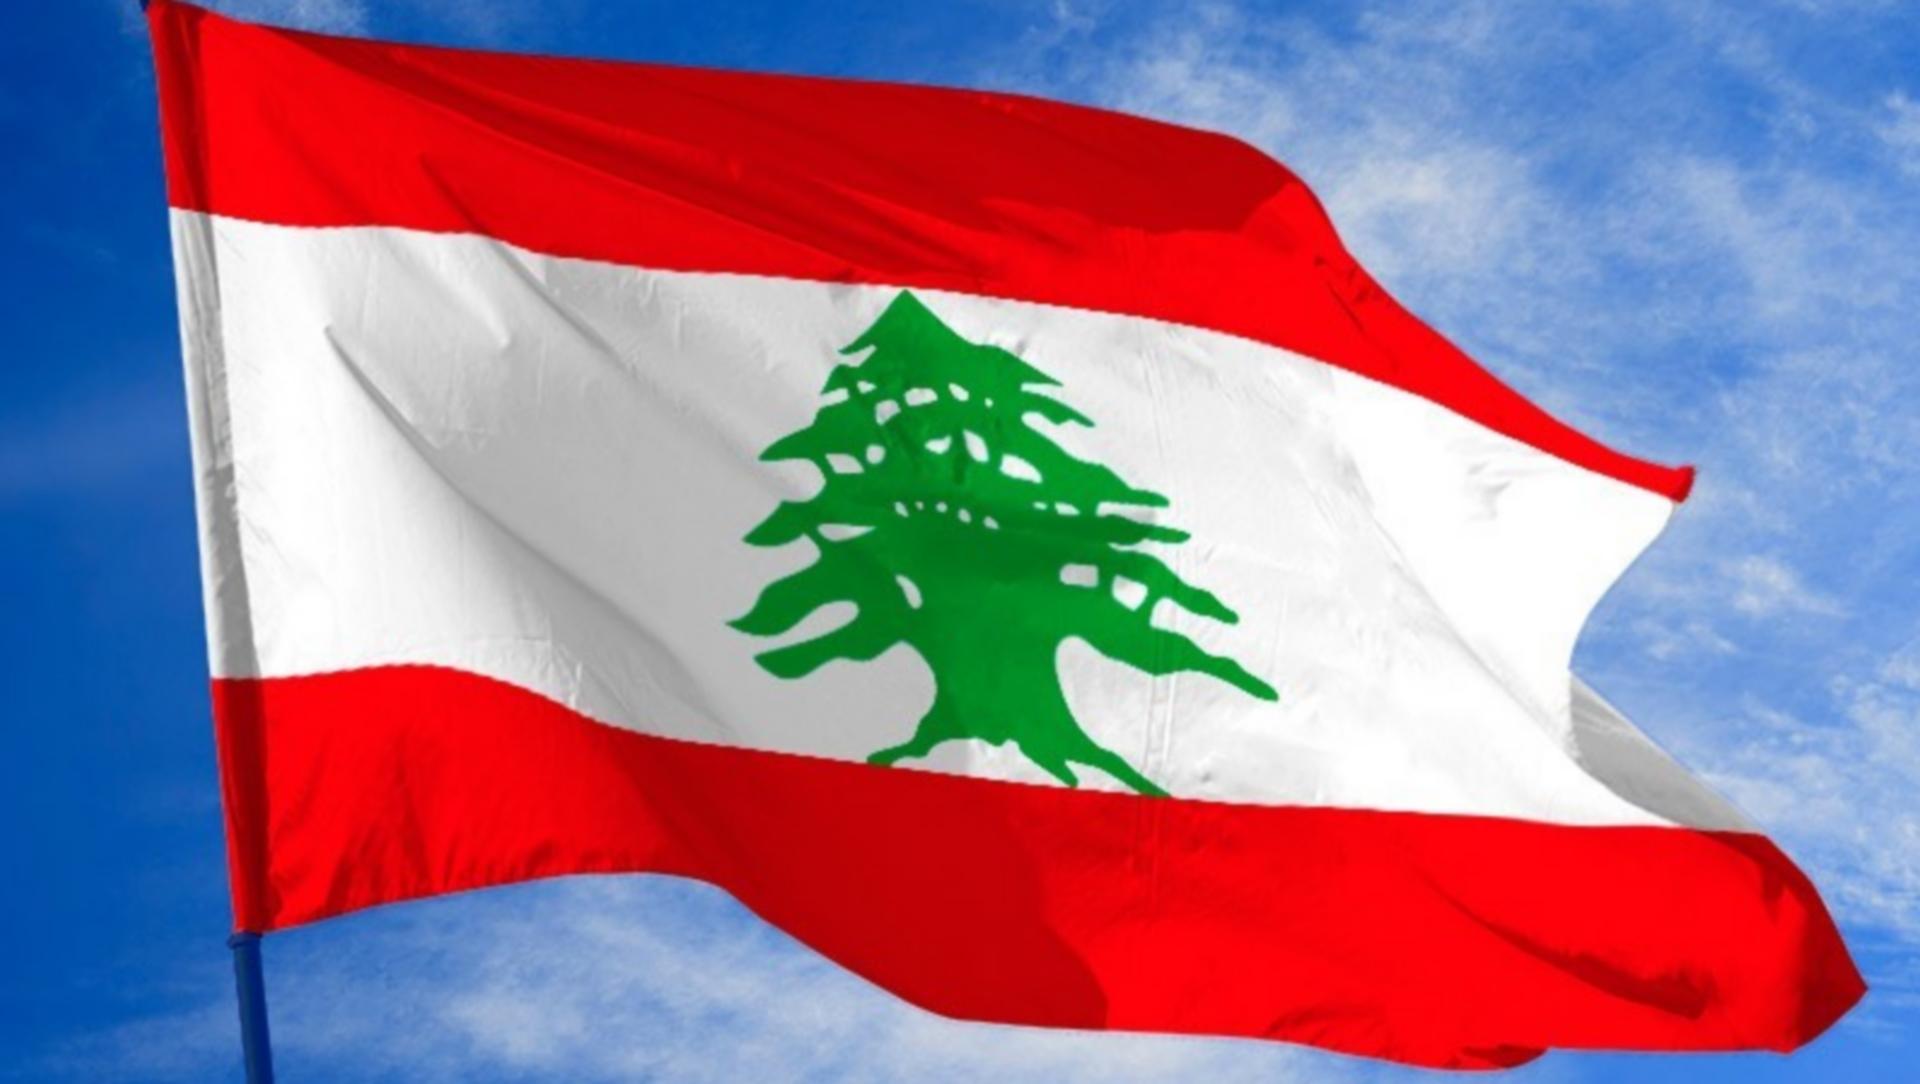 Liban : 3 morts et 20 blessés dans une manifestation à Beyrouth